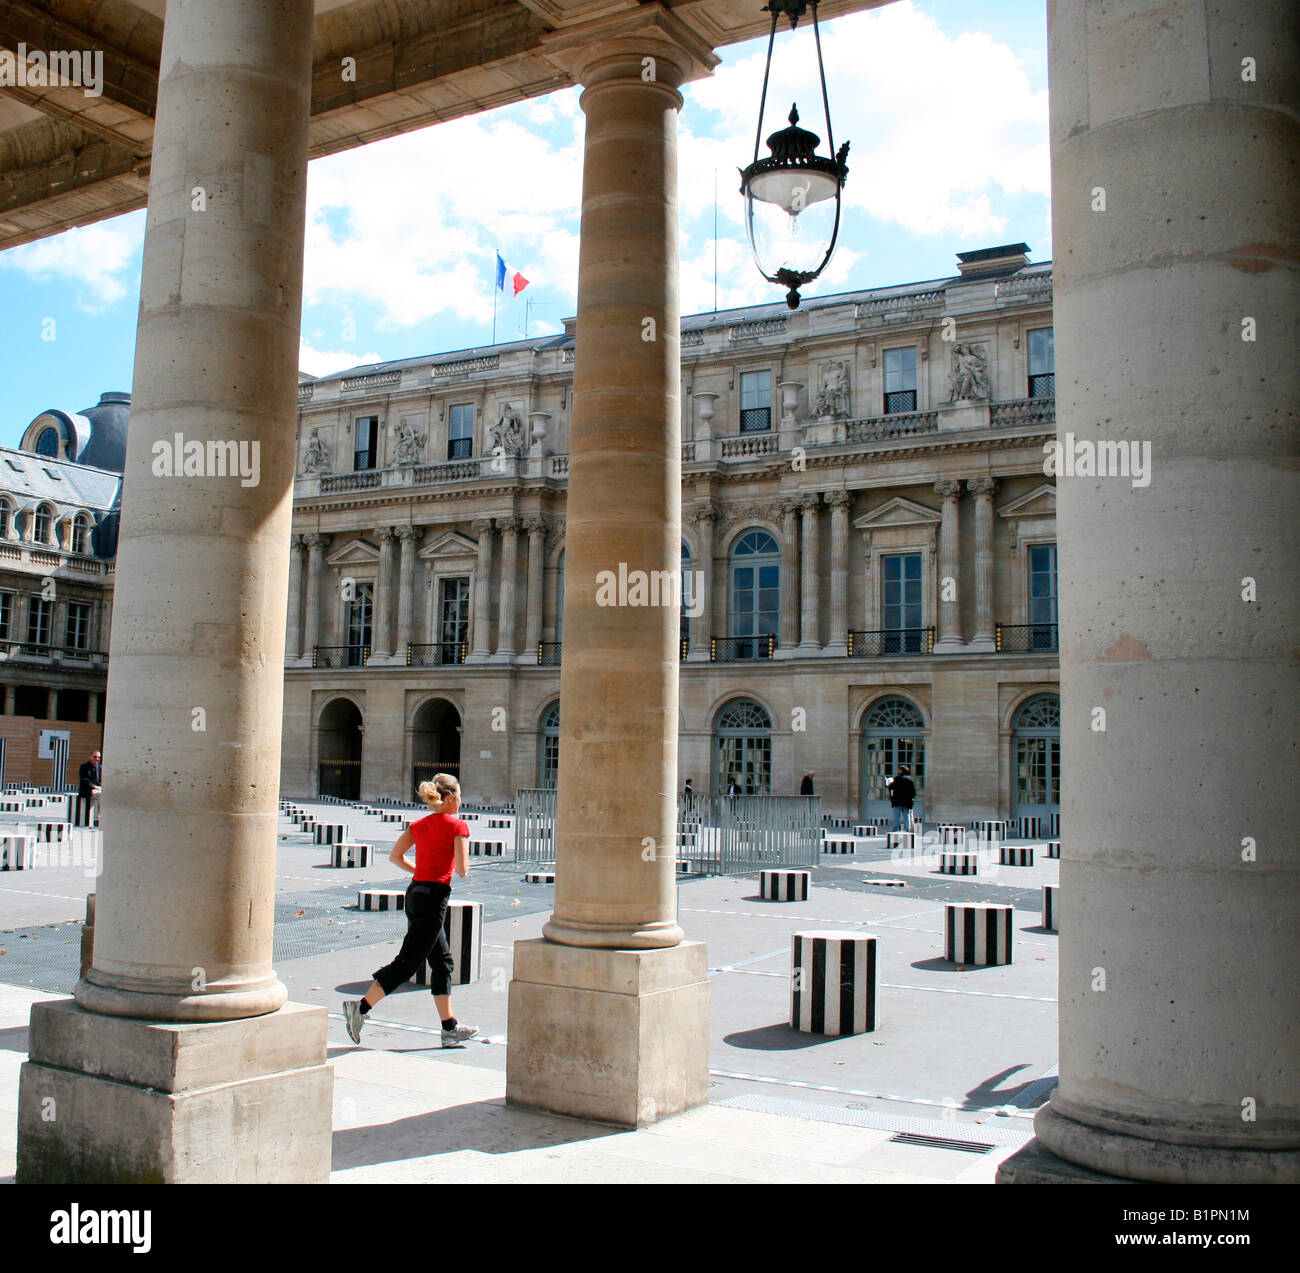 Place du Palais Royal Paris - Stock Image